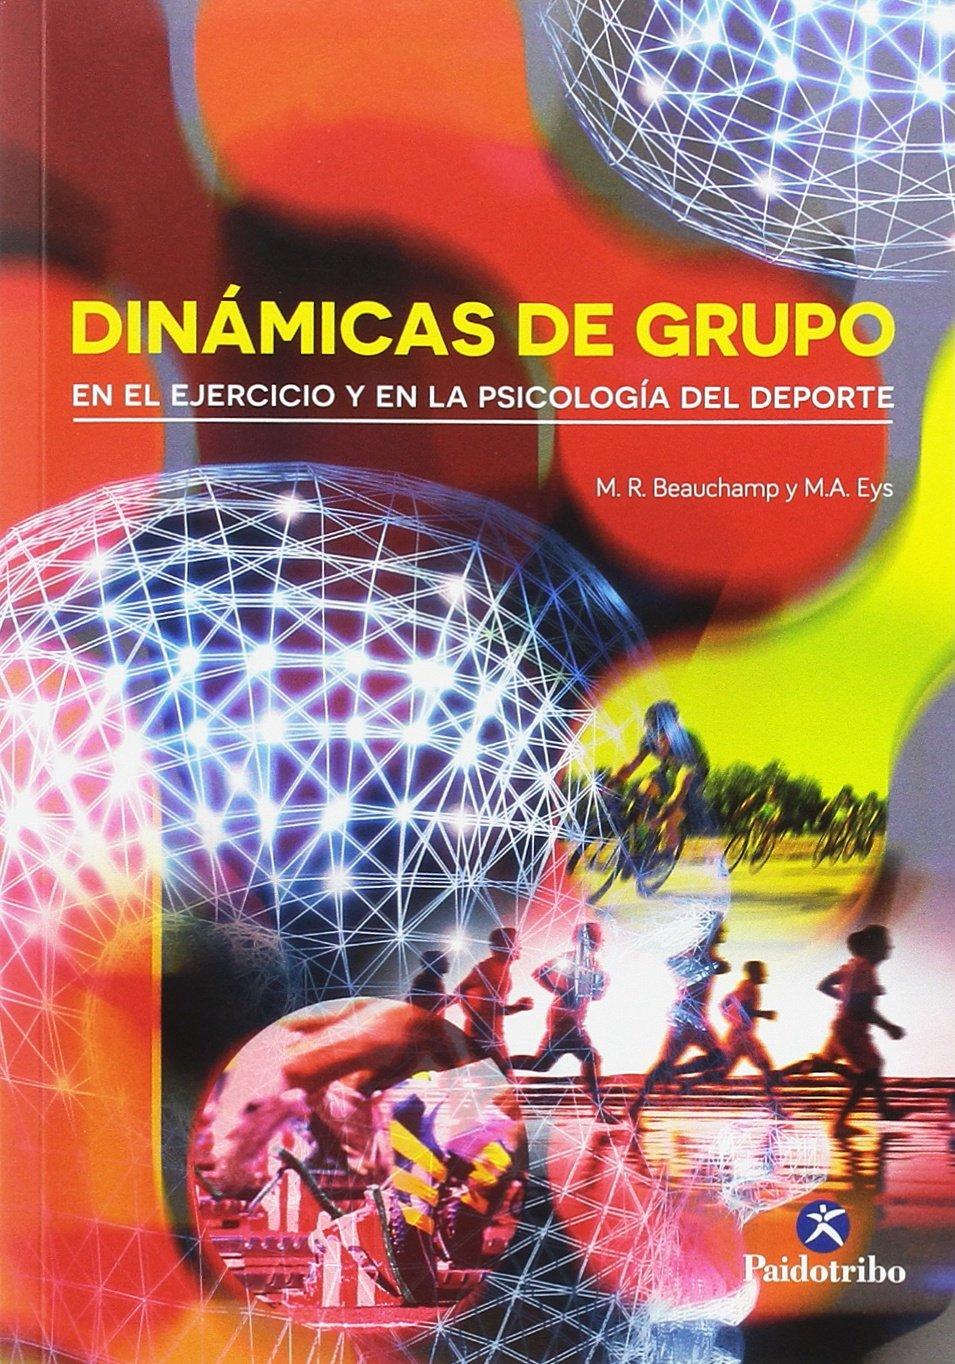 Dinámicas de grupo en el ejercicio y en la Psicología del deporte (Deportes)